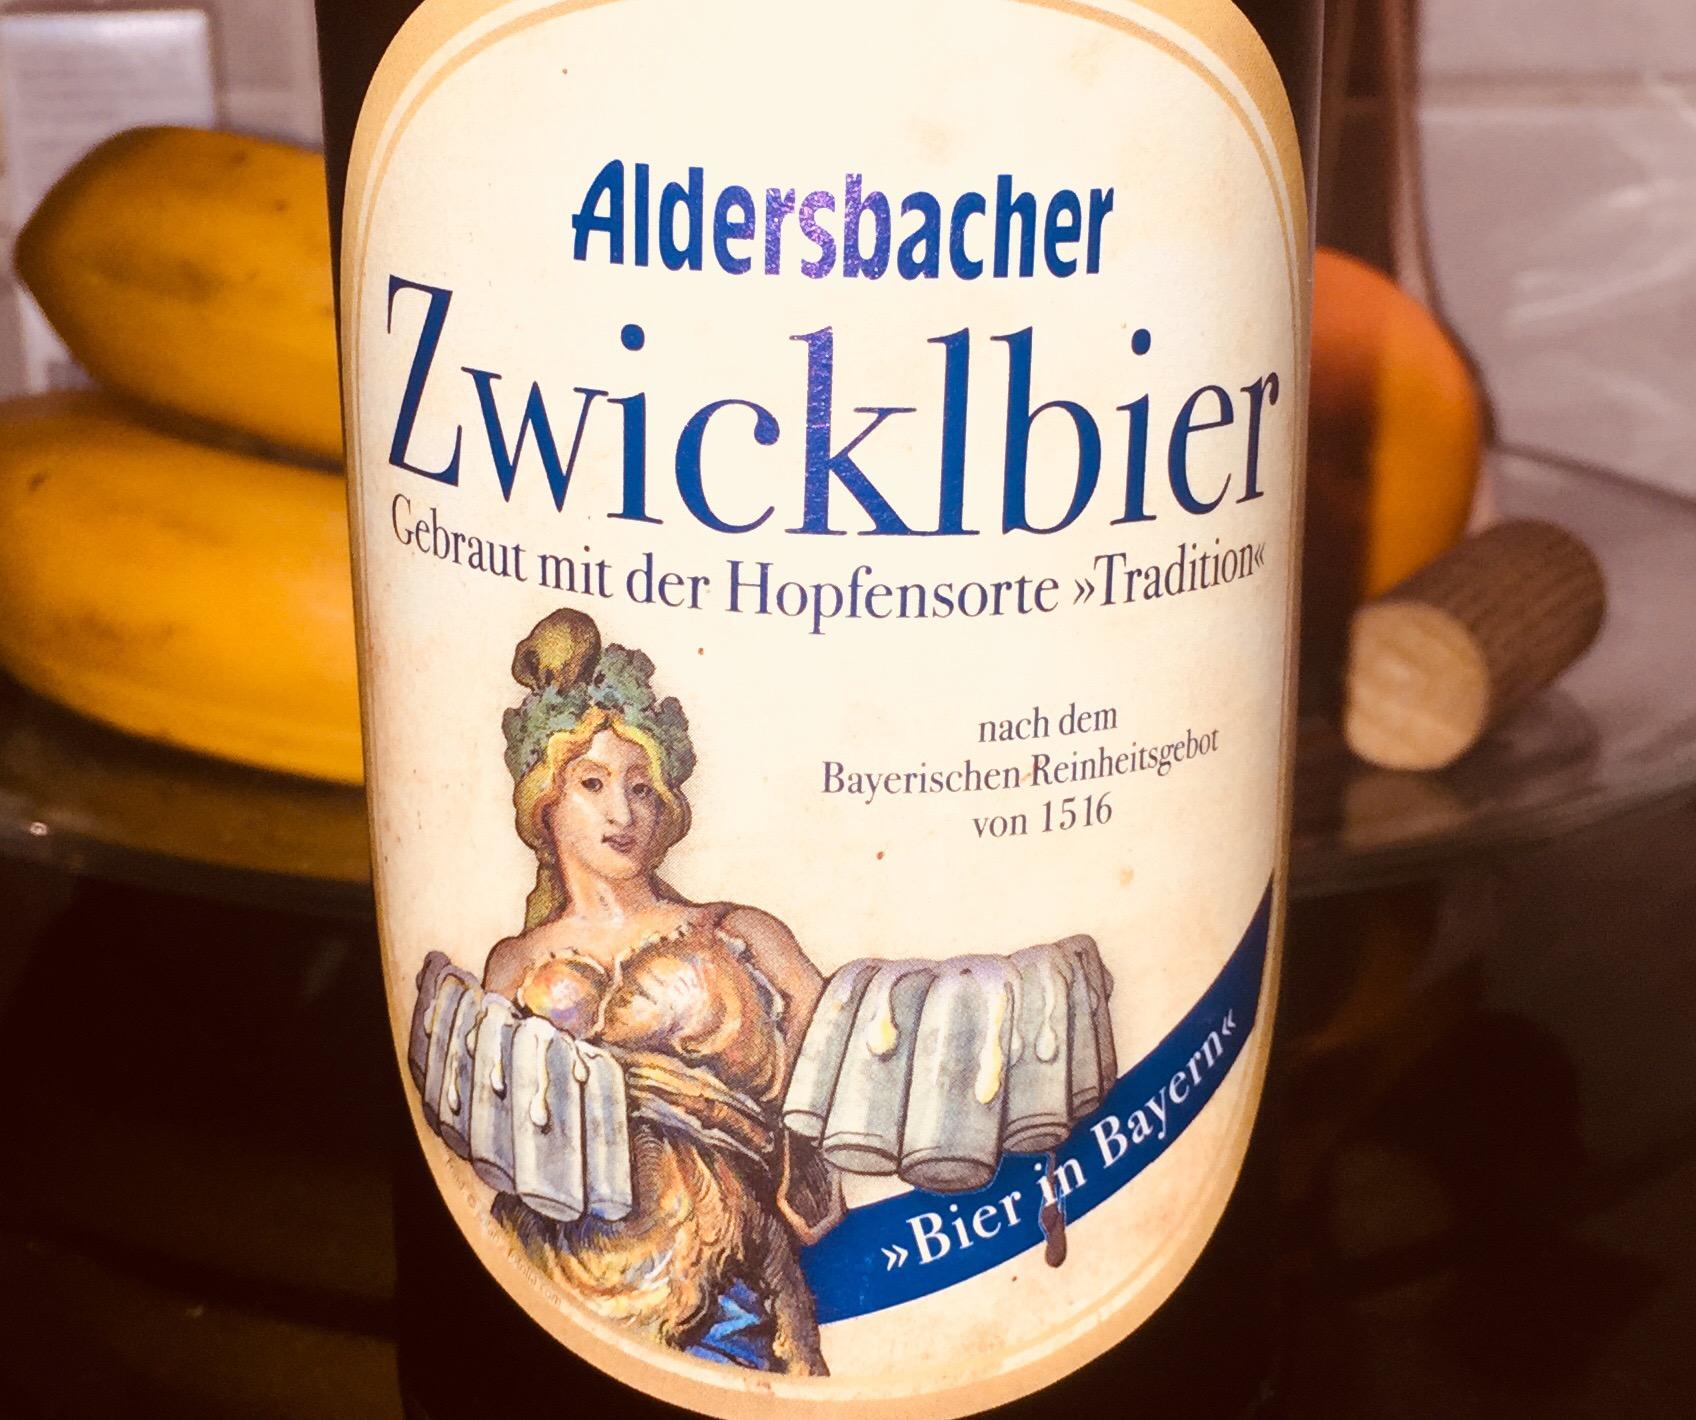 Aldersbacher - Zwicklbier